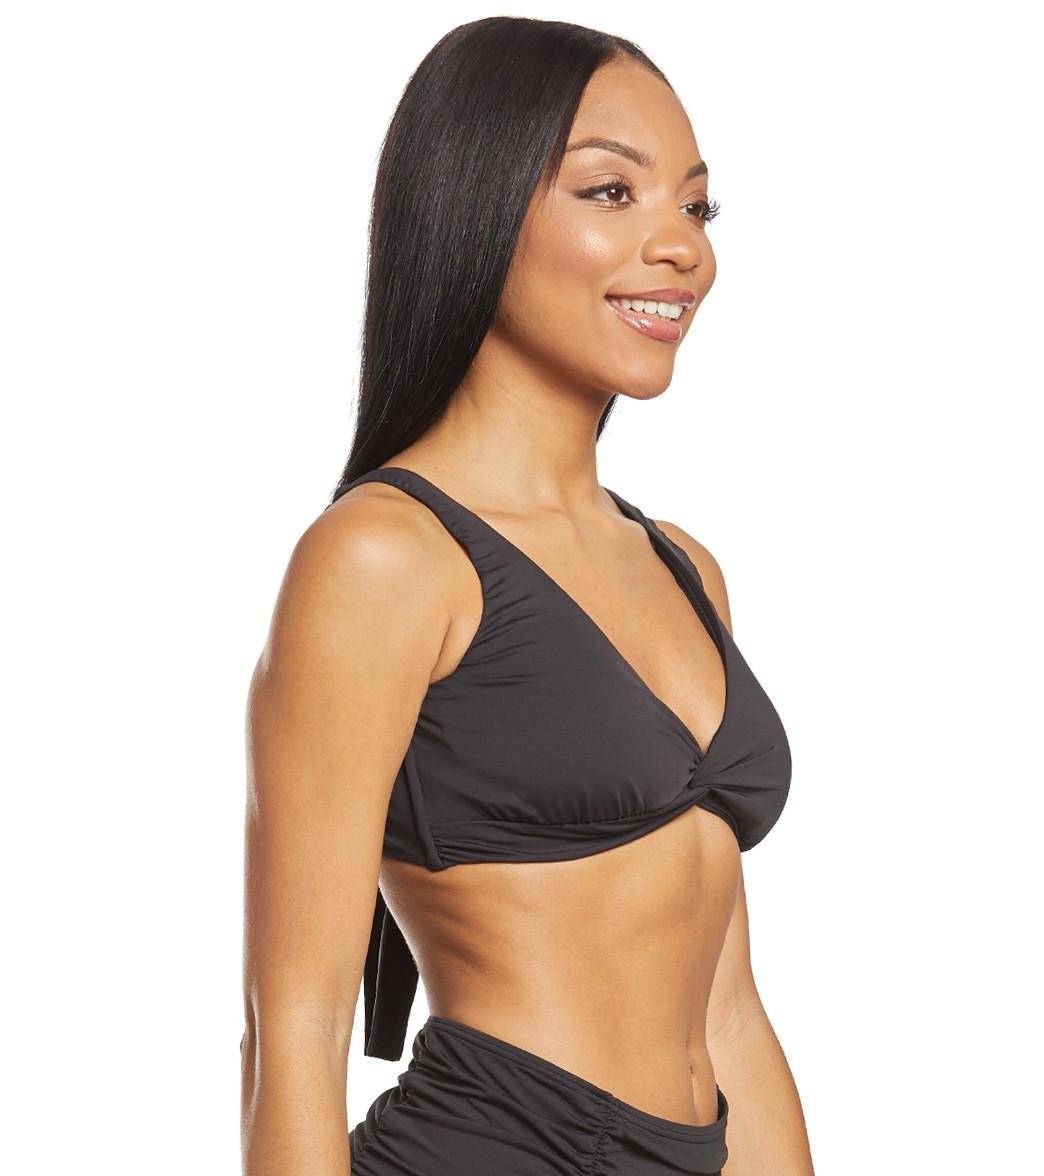 bdf8990f05f Tommy Bahama Pearl Solids Twist Front Bra Bikini Top at SwimOutlet ...